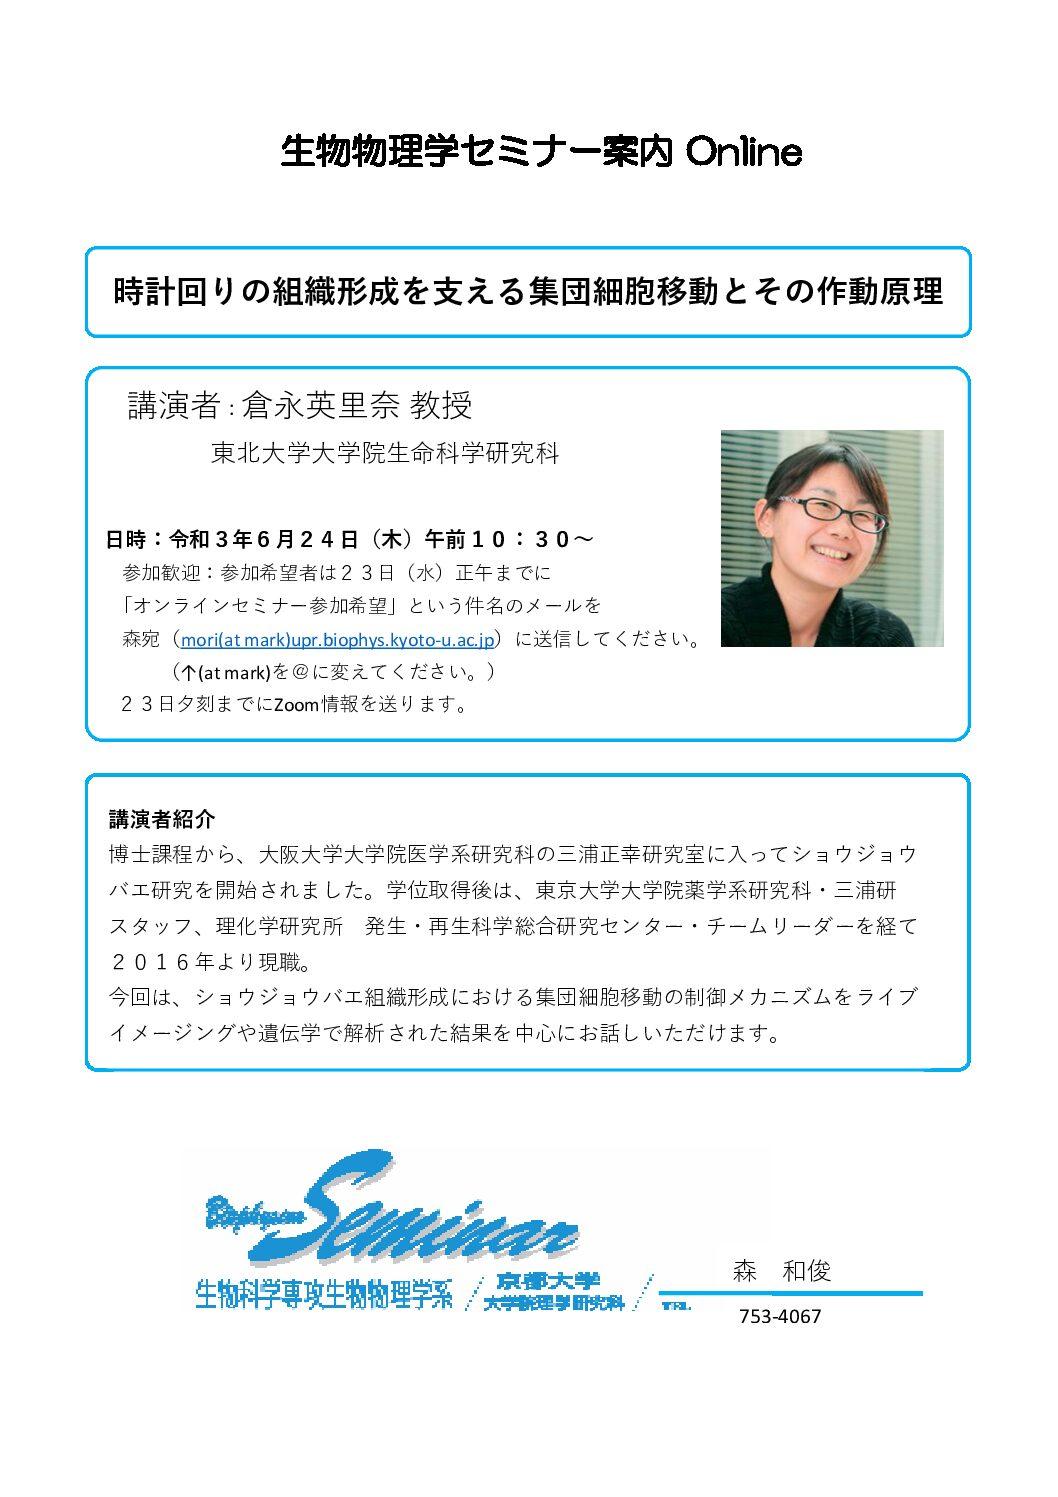 セミナー案内 倉永先生20210624